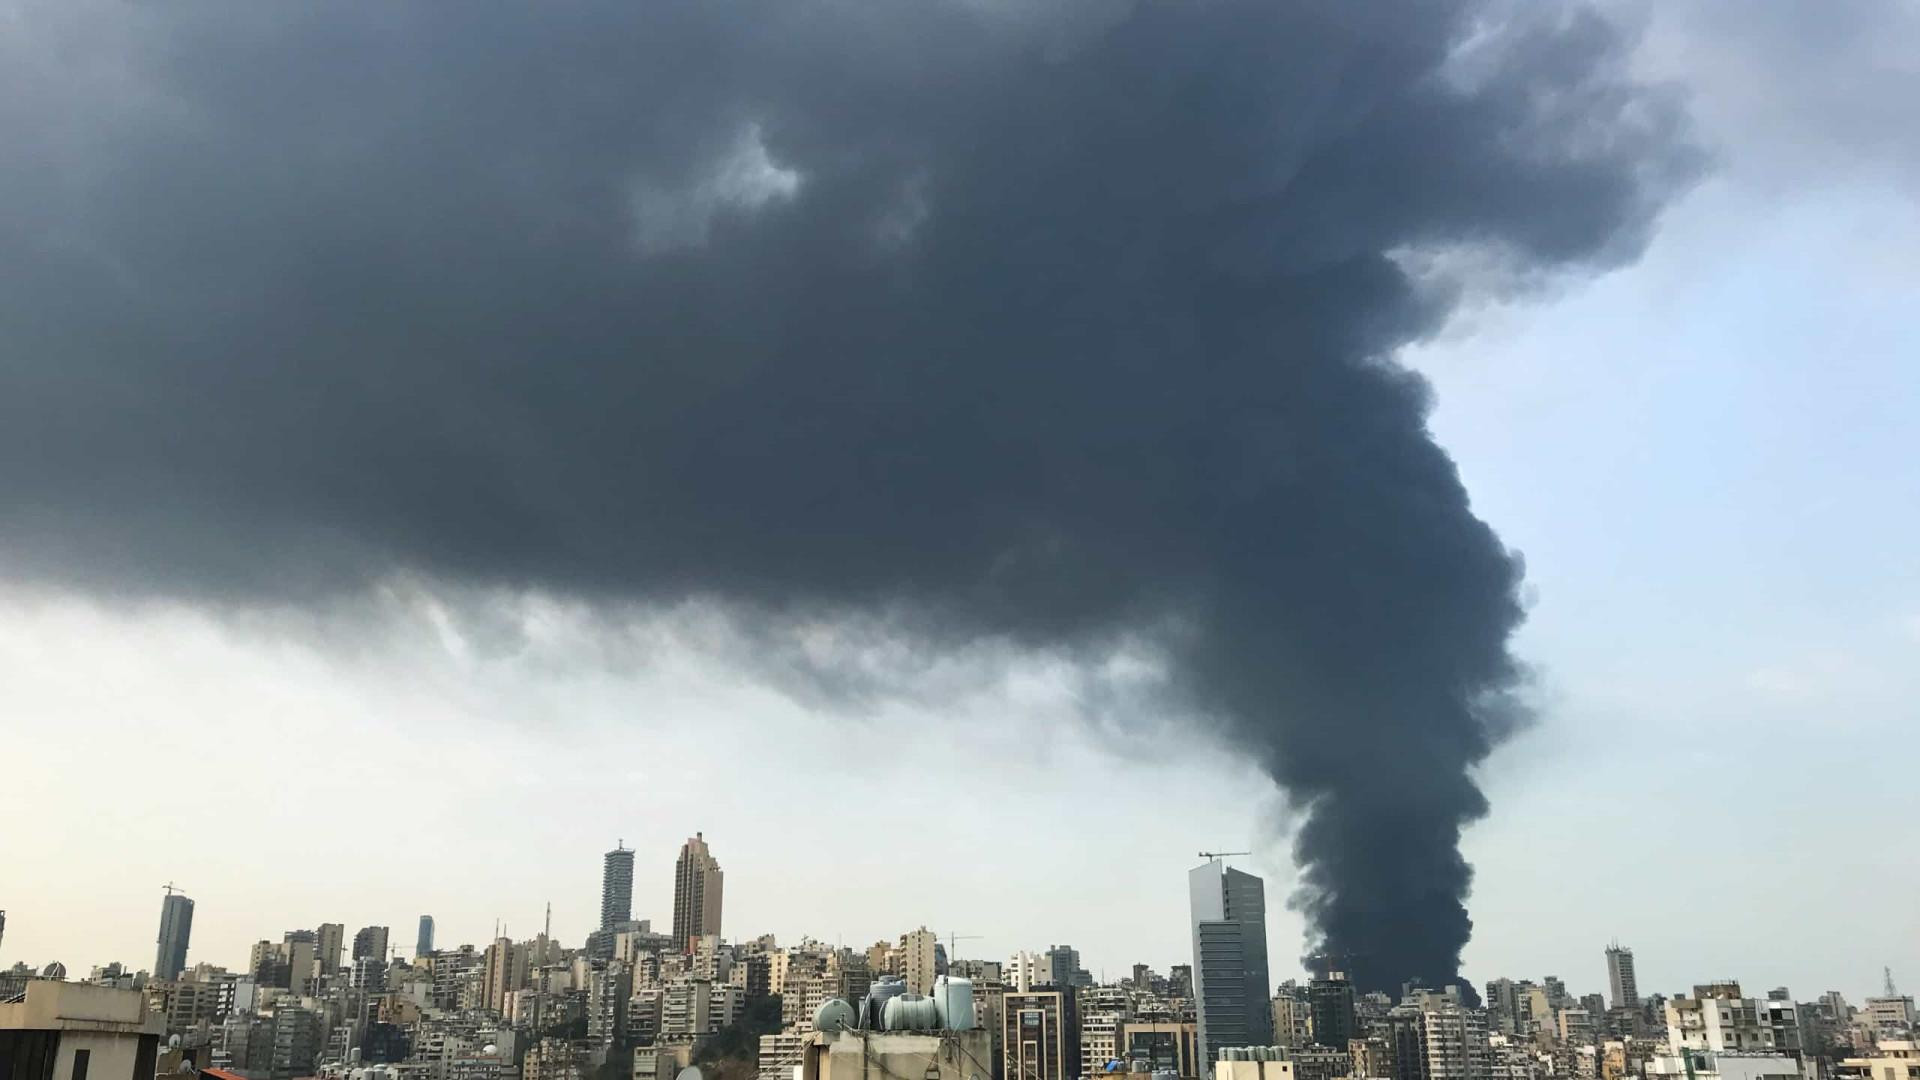 Um mês após expIosão, grande incêndio é deflagrado no porto de Beirute